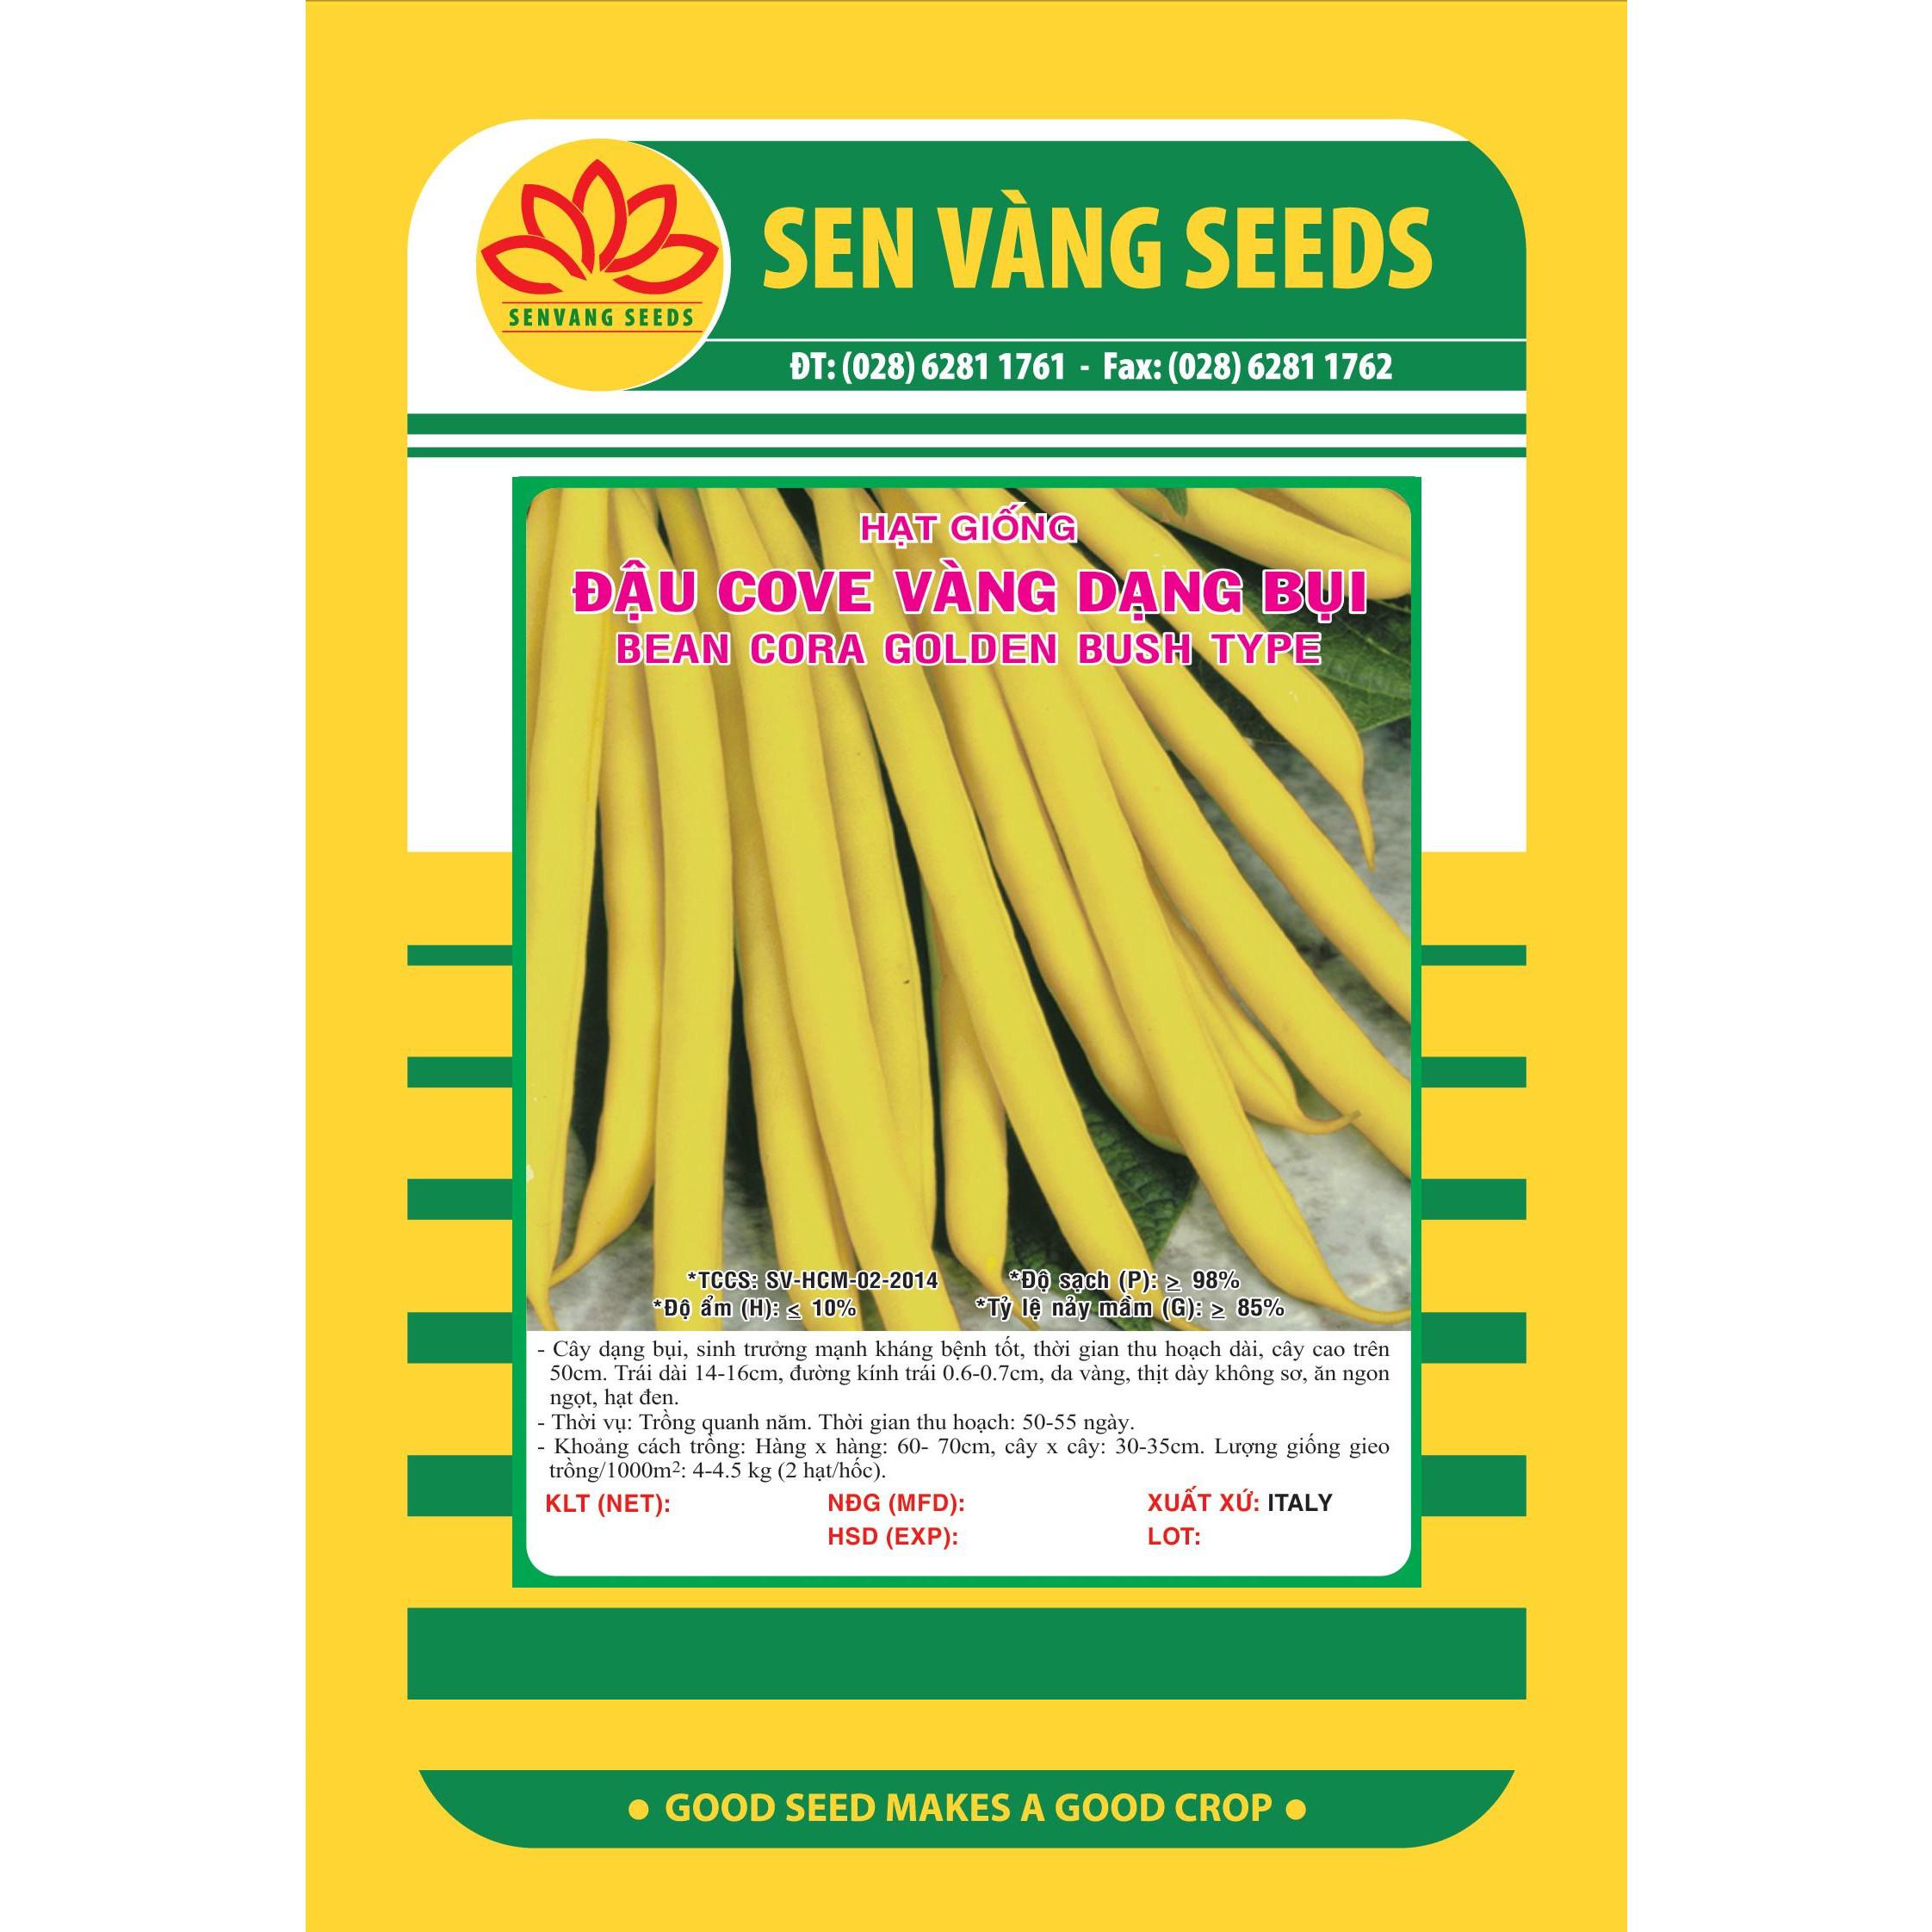 03 gói Hạt giống đậu cove vàng dạng bụi Italy VTS67